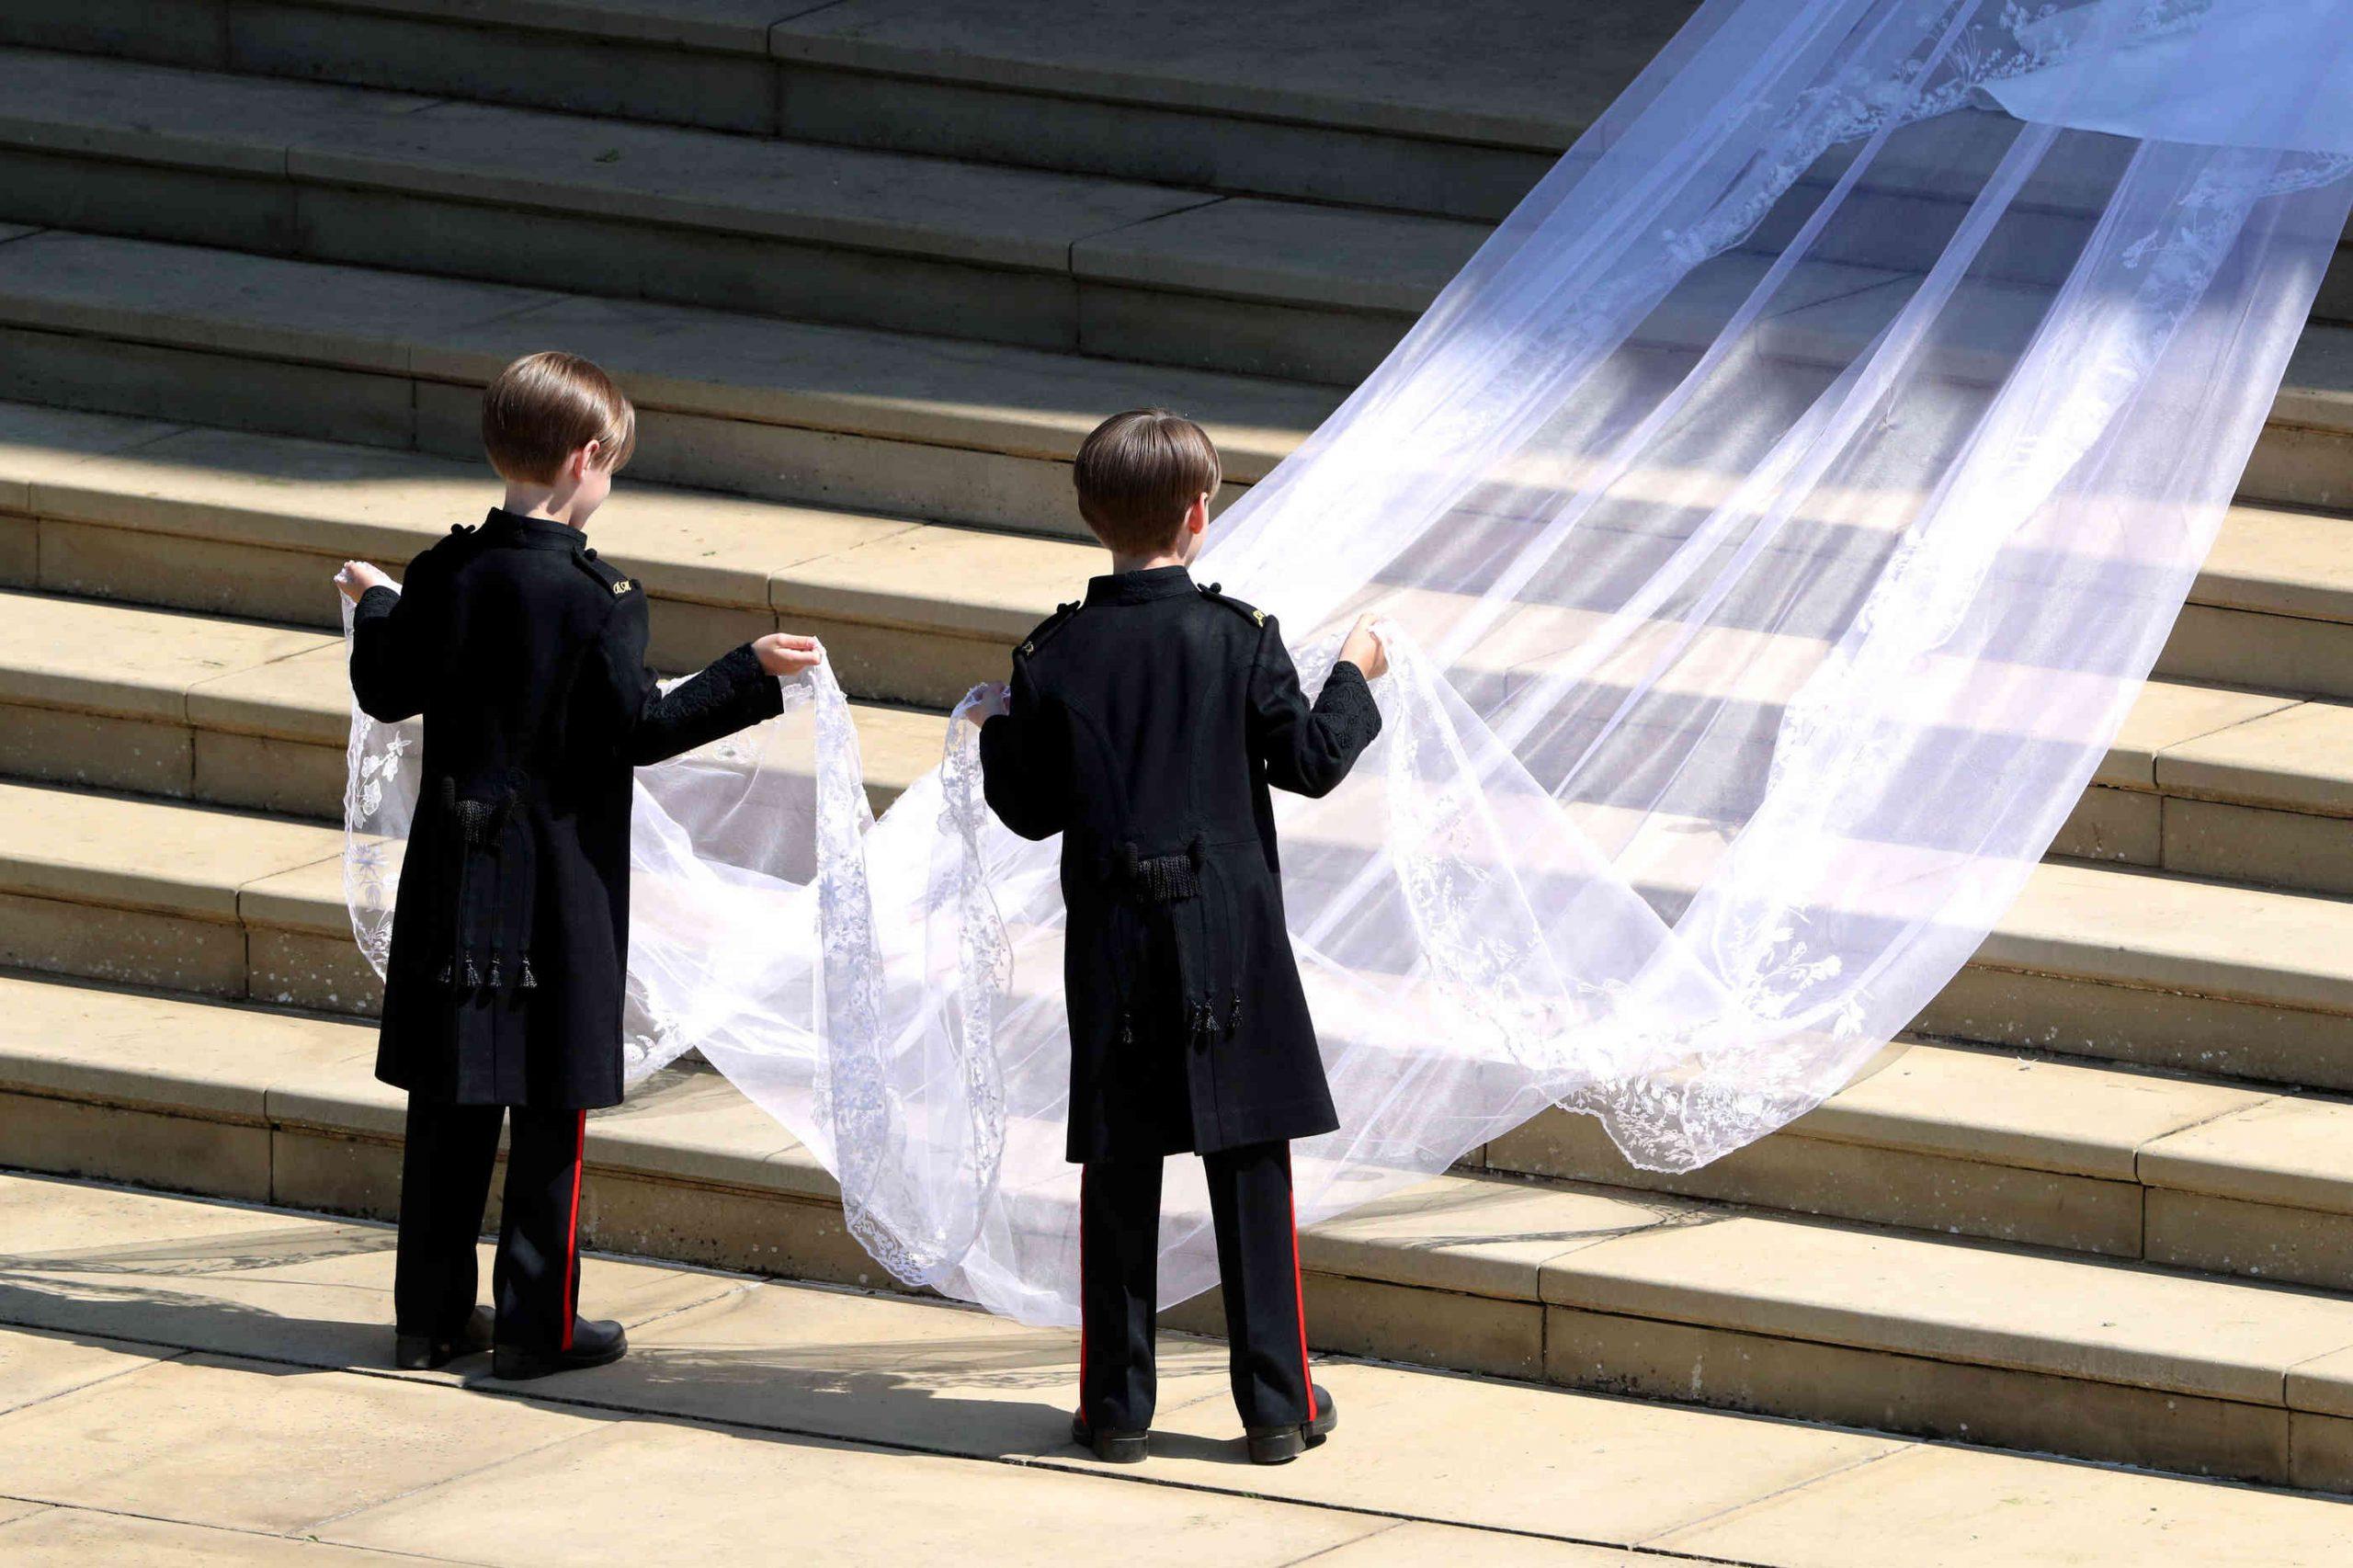 So Sieht Das Hochzeitskleid Von Meghan Markle Aus